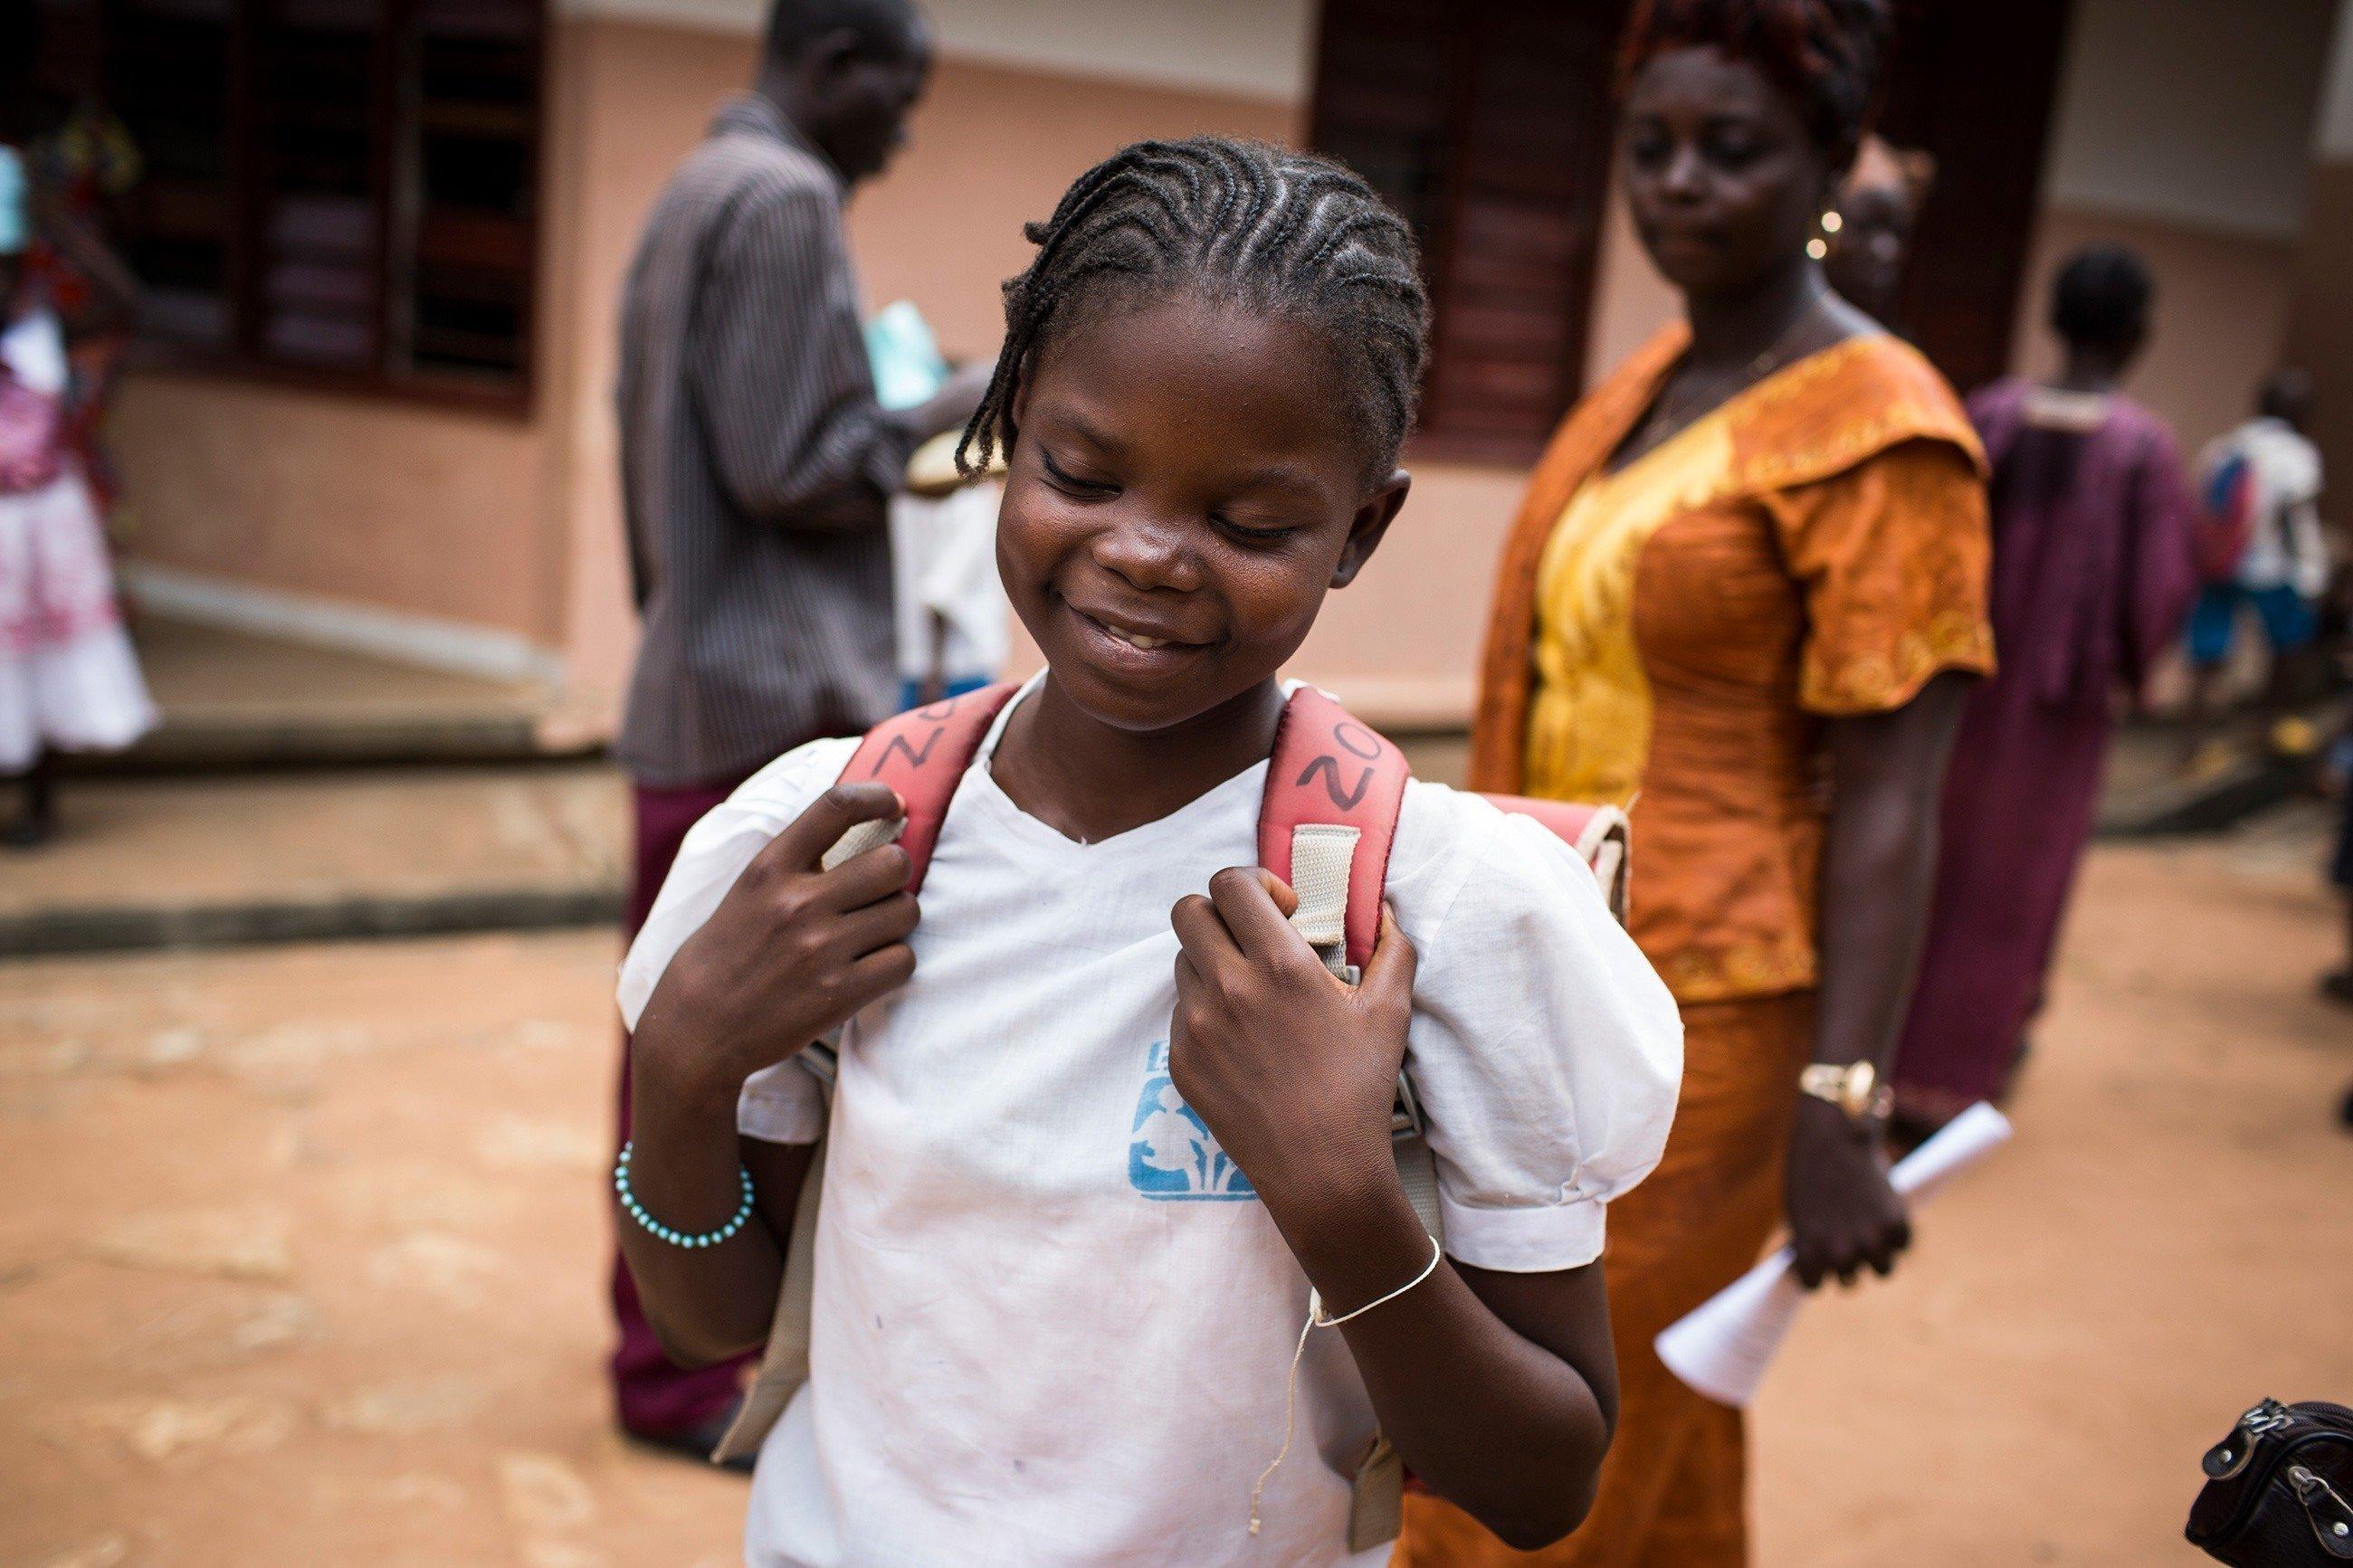 Ein lächelndes Mädchen auf dem Weg zur Schule.